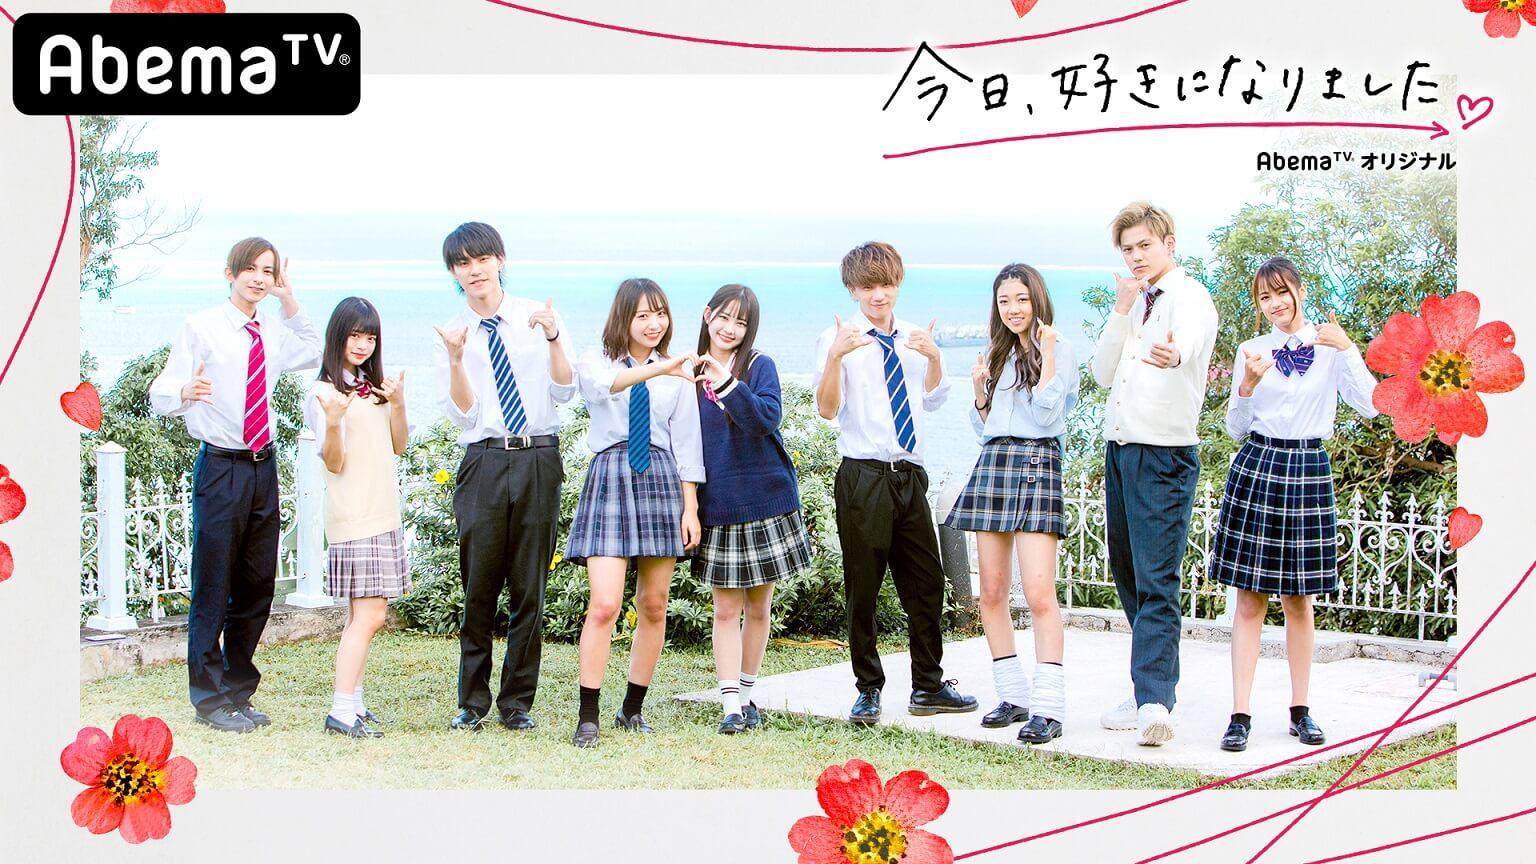 『今日、好きになりました。卒業編』AbemaSPECIALにて1月27日より放送開始!